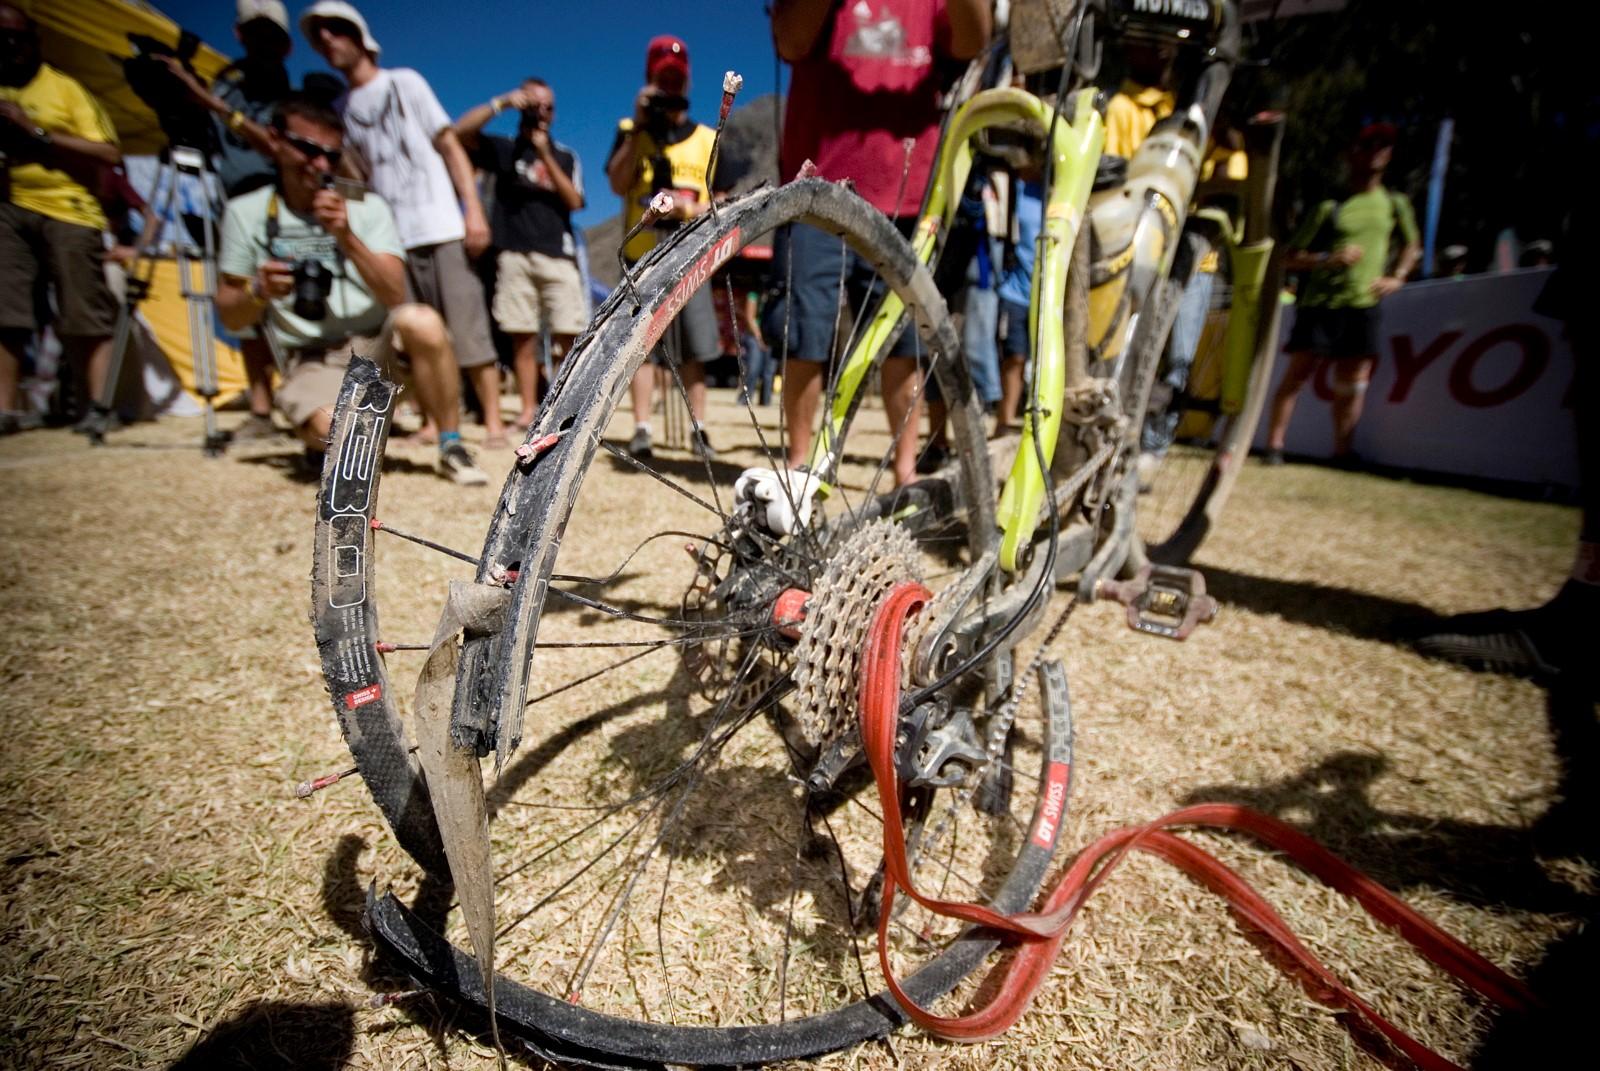 Totálně zničený ráfek. Výsledek bojů na Cape Epic. Foto: Michal Červený